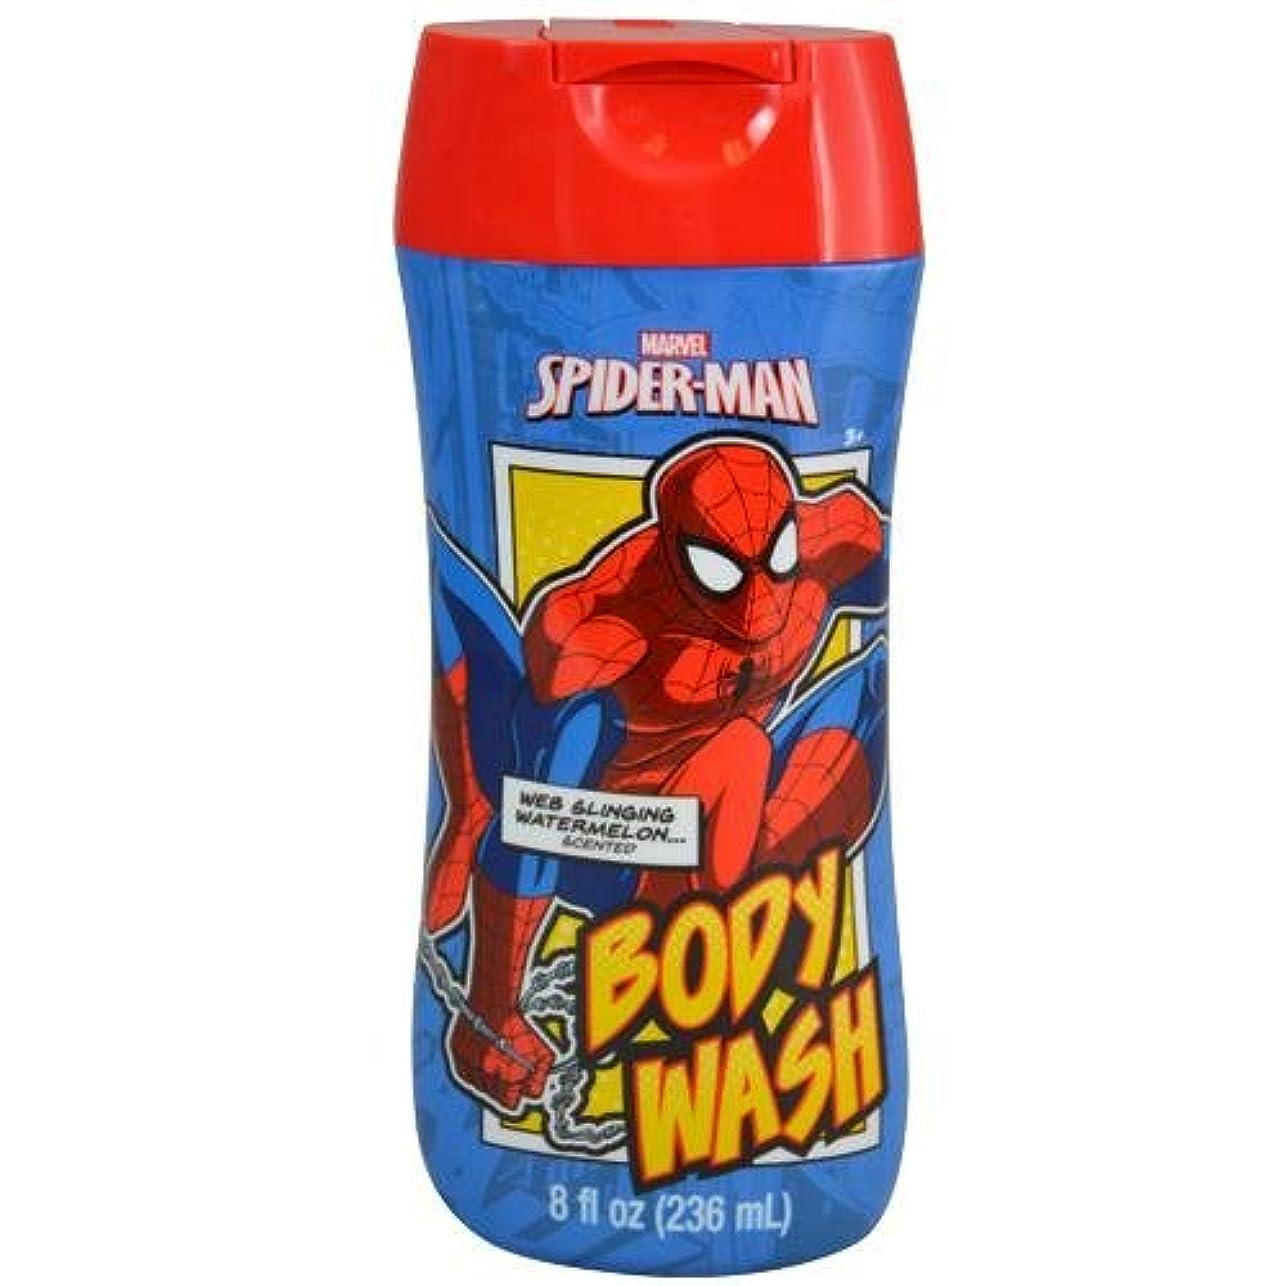 悪意のあるバンジージャンプ浅いスパイダーマン SPIDER-MAN ボディーソープ 12185 MARVEL お風呂 ボディ ソープ 子供用 キッズ ボディソープ MARVEL ボディウォッシュ マーベル ボディーウォッシュ【即日?翌日発送】